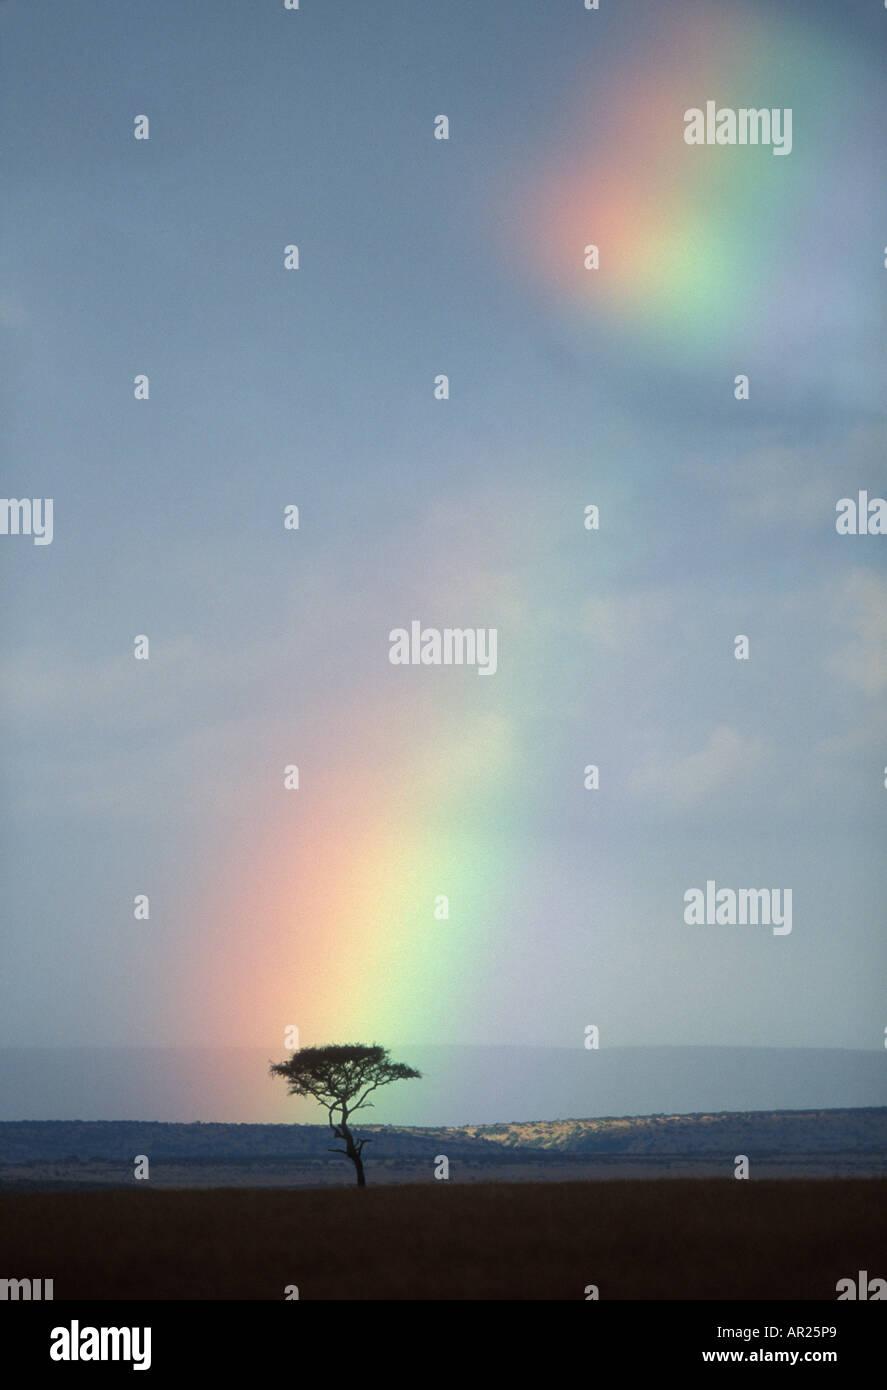 Africa Kenia Masai Mara Game Reserve Rainbow forme in mezzo a pioggia nuvole sopra lone acacia sulla savana al tramonto Immagini Stock